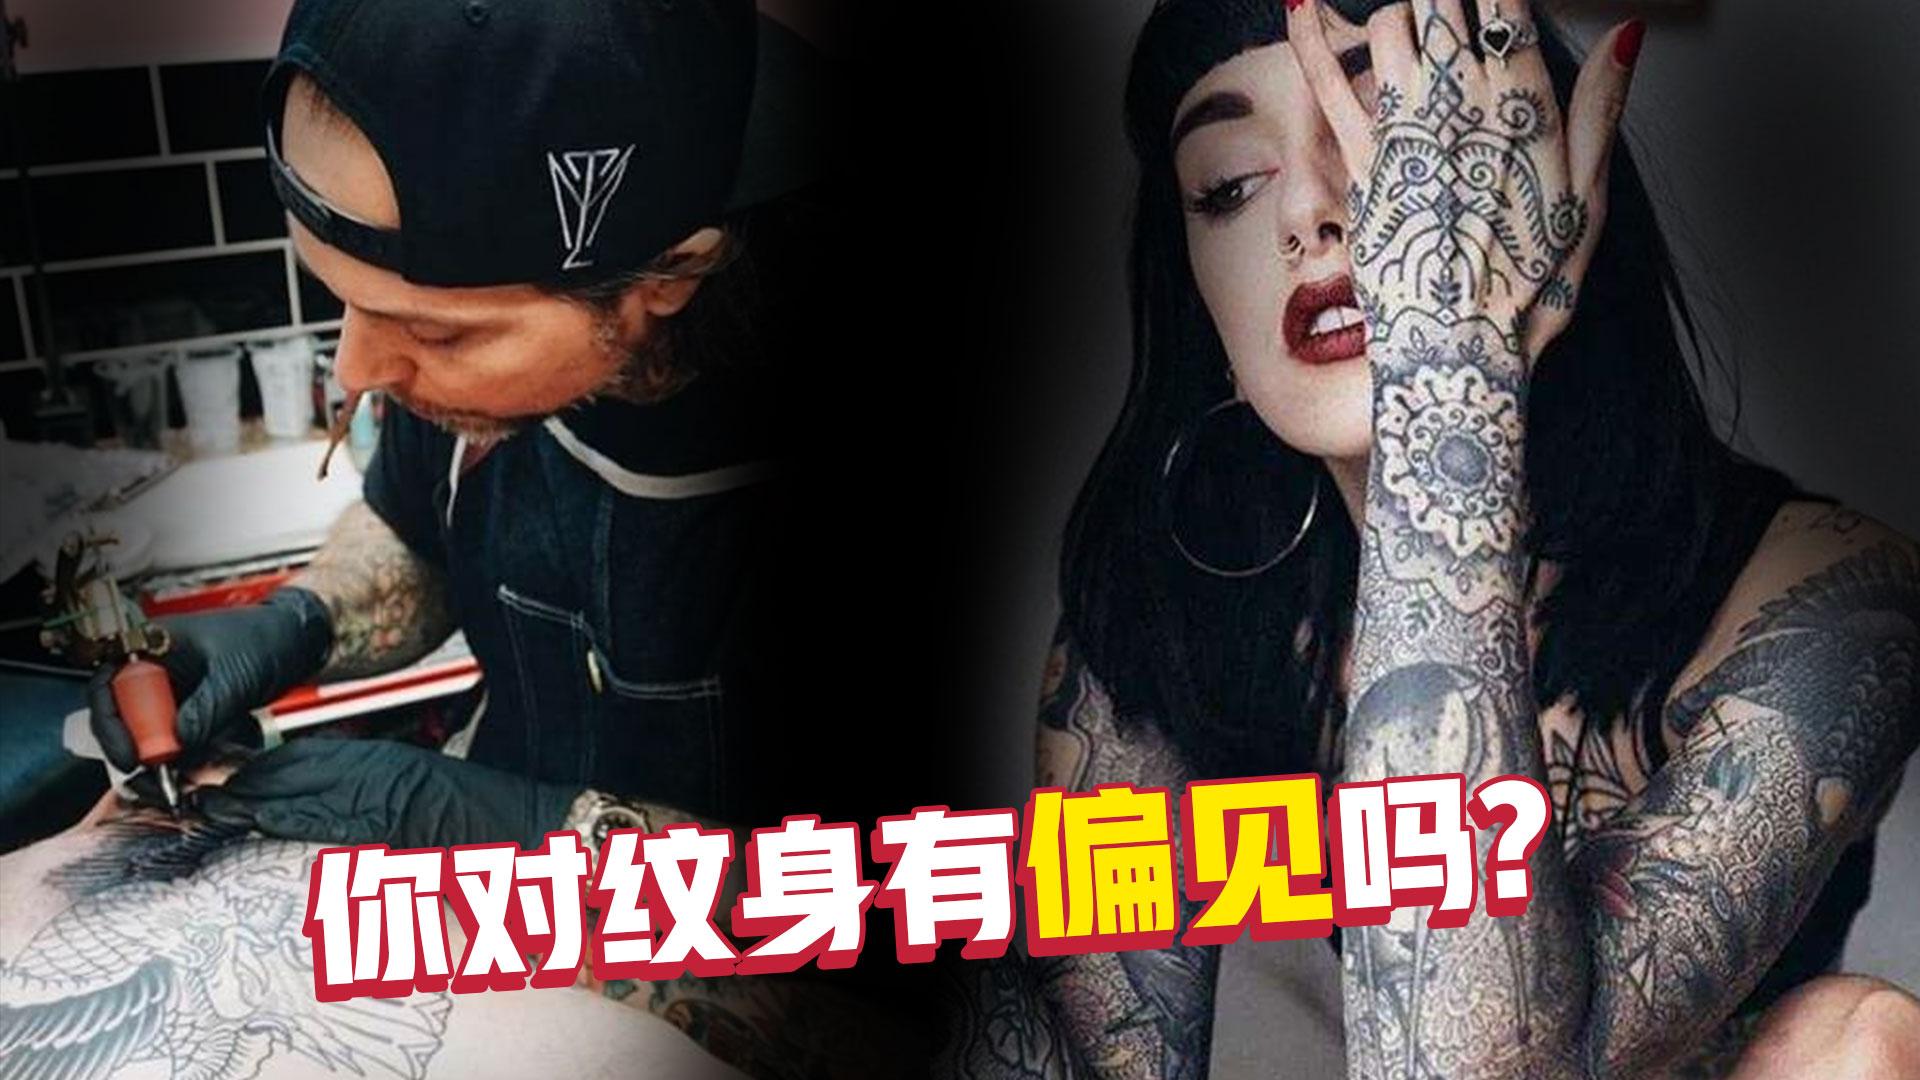 #我的少女心#为什么现在对纹身有偏见的人还是有这么多?看完这个你就全明白了